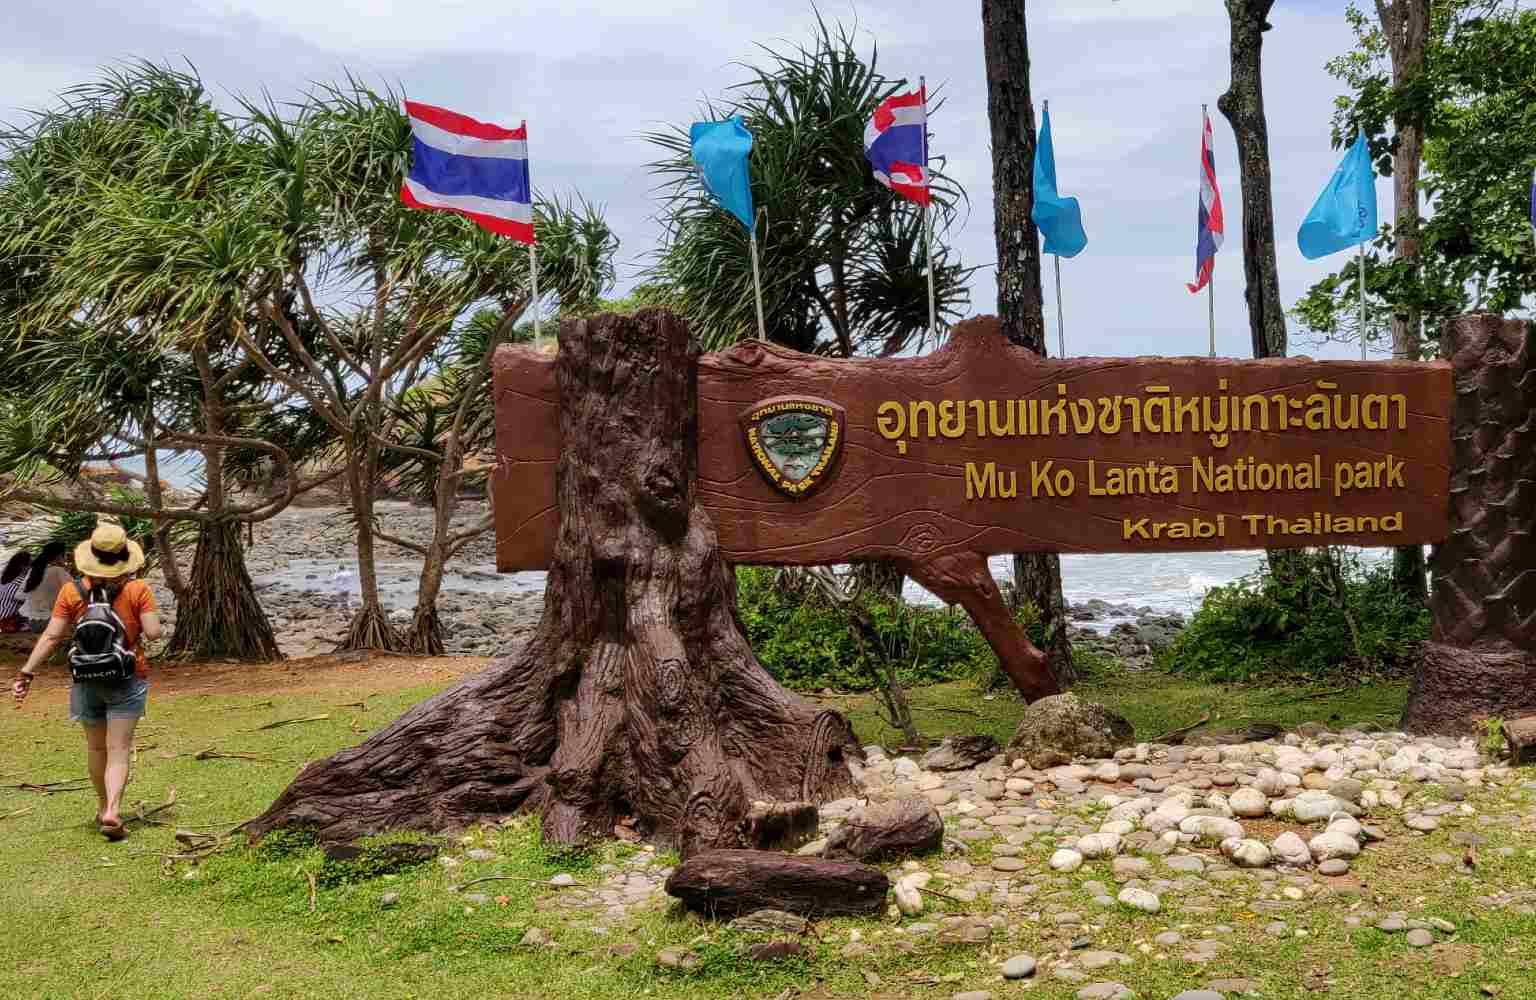 Mu Koh Lanta National Park Sign at the entrance of the park.